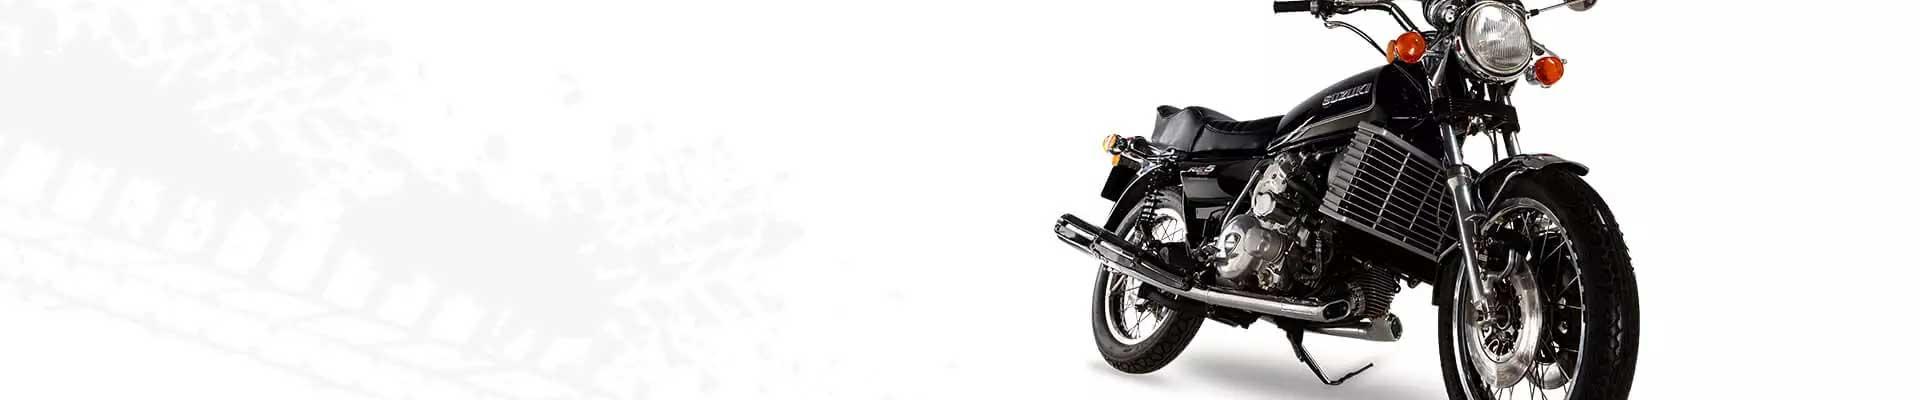 naked-bike-insurance-bike